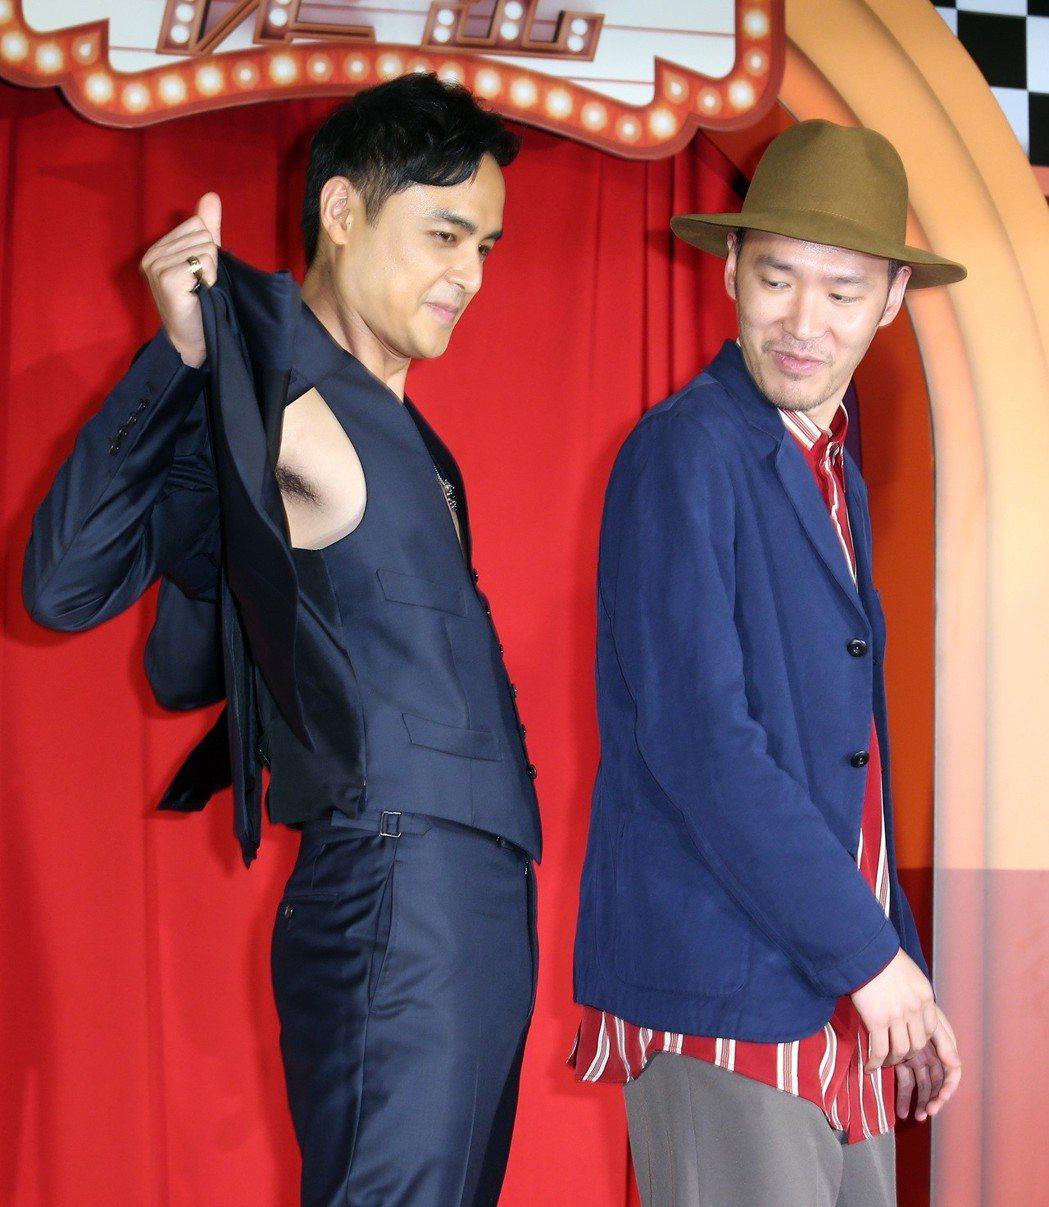 《市長夫人的秘密》電影首映會,演員張少懷、明道出席。記者曾吉松/攝影